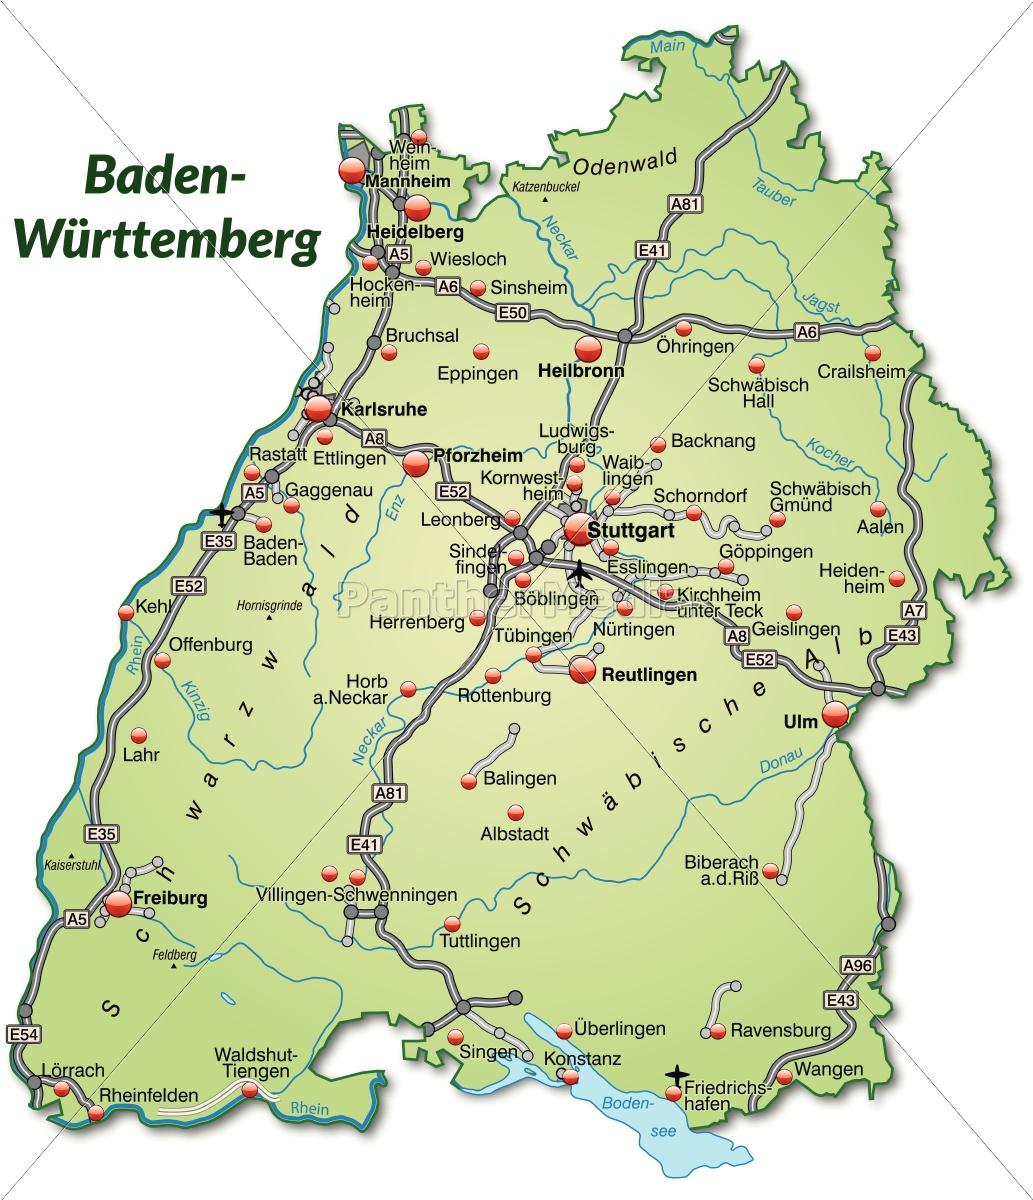 Karte baden württemberg städte in Regionen und